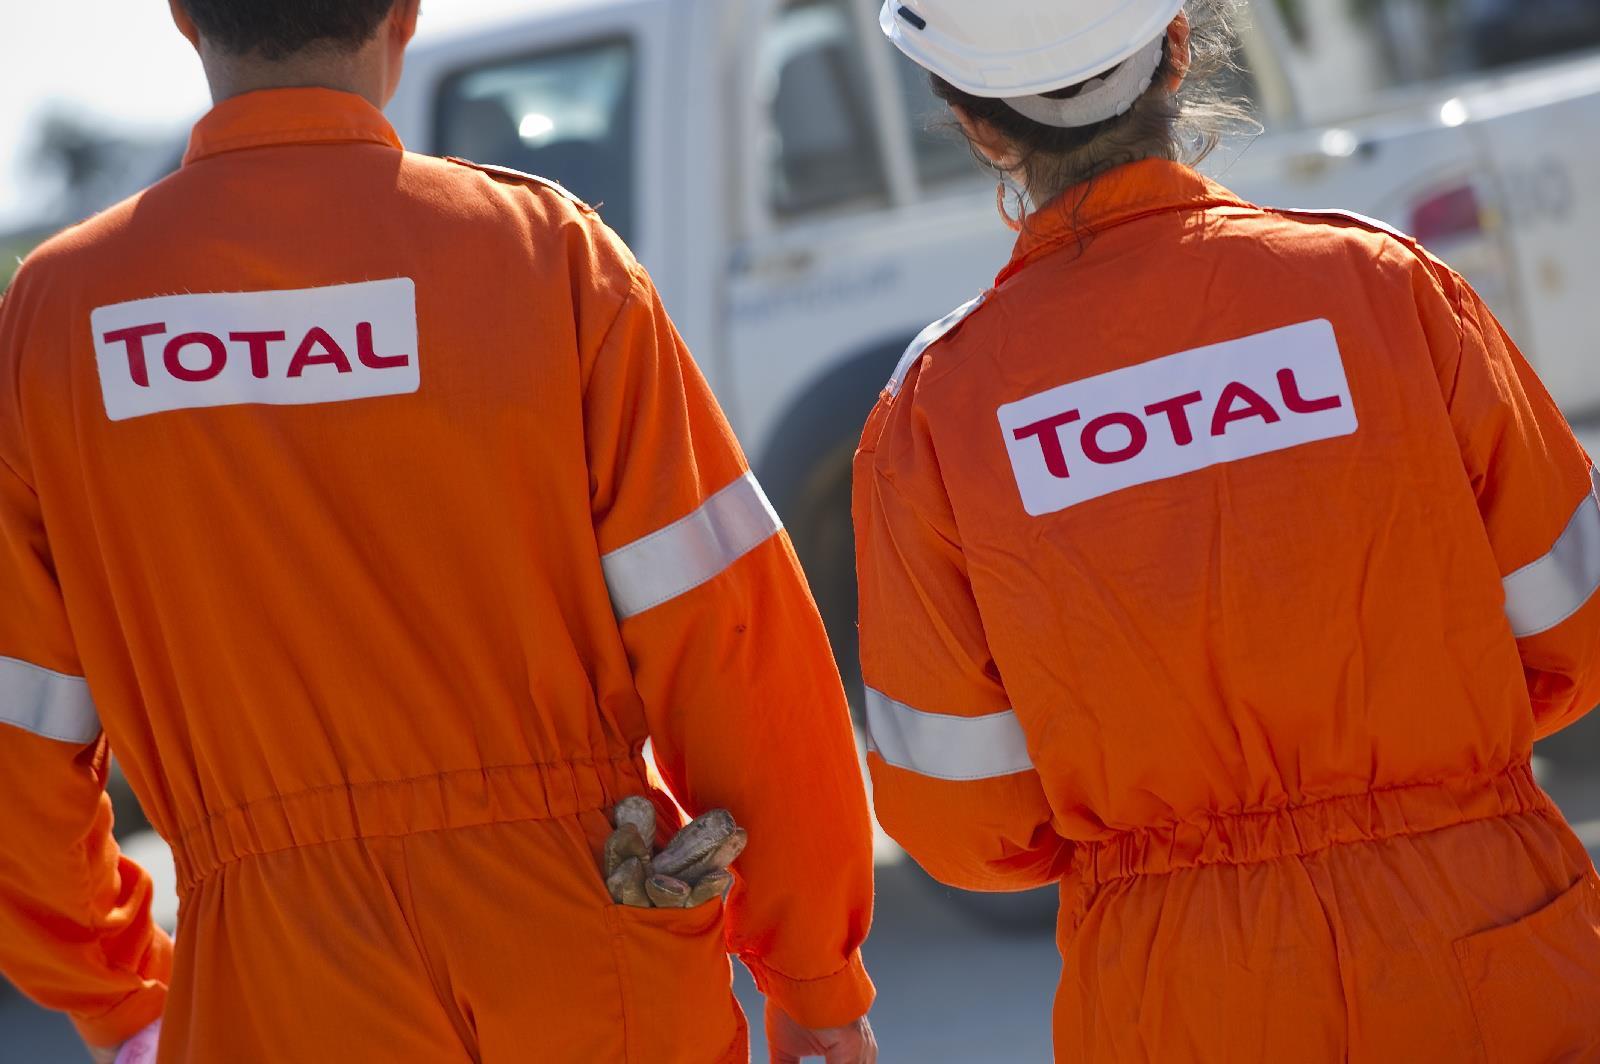 Заводы Total могут приостановить работу 26 ноября из-за забастовки рабочих